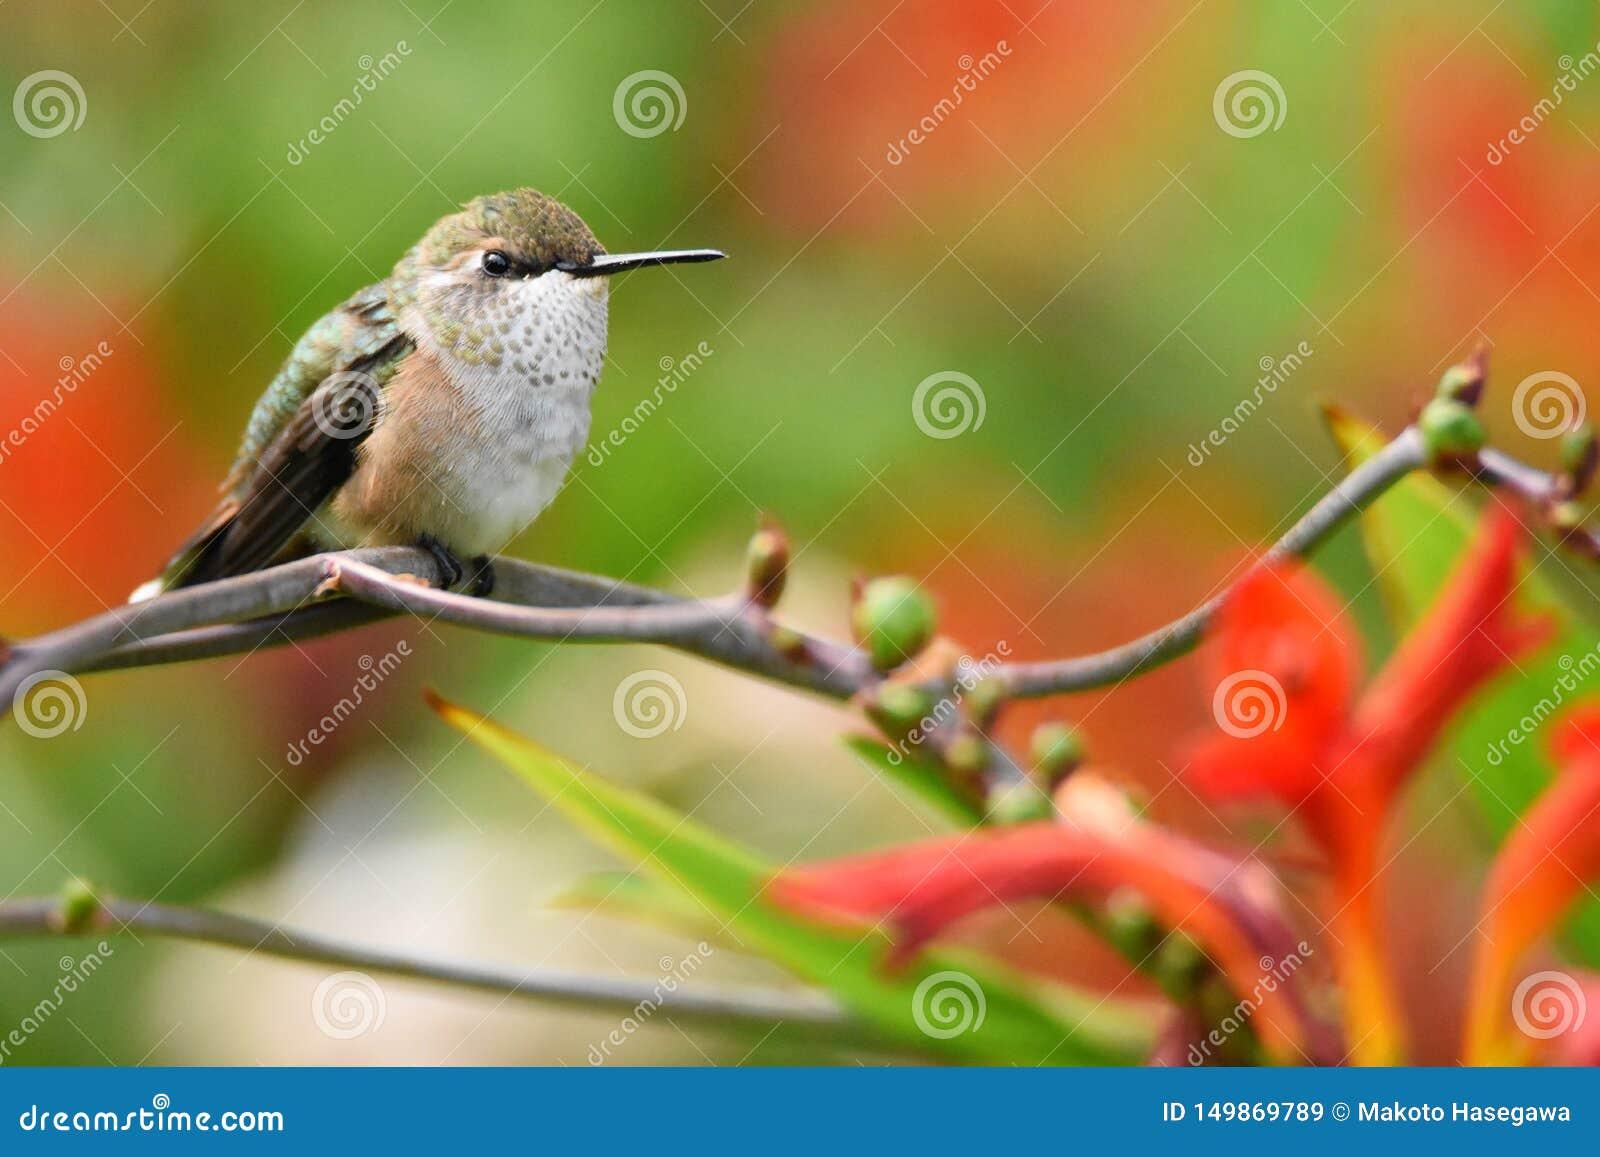 Closeup av en kvinnlig Rufous kolibri som sätta sig på en filial med kopieringsutrymme